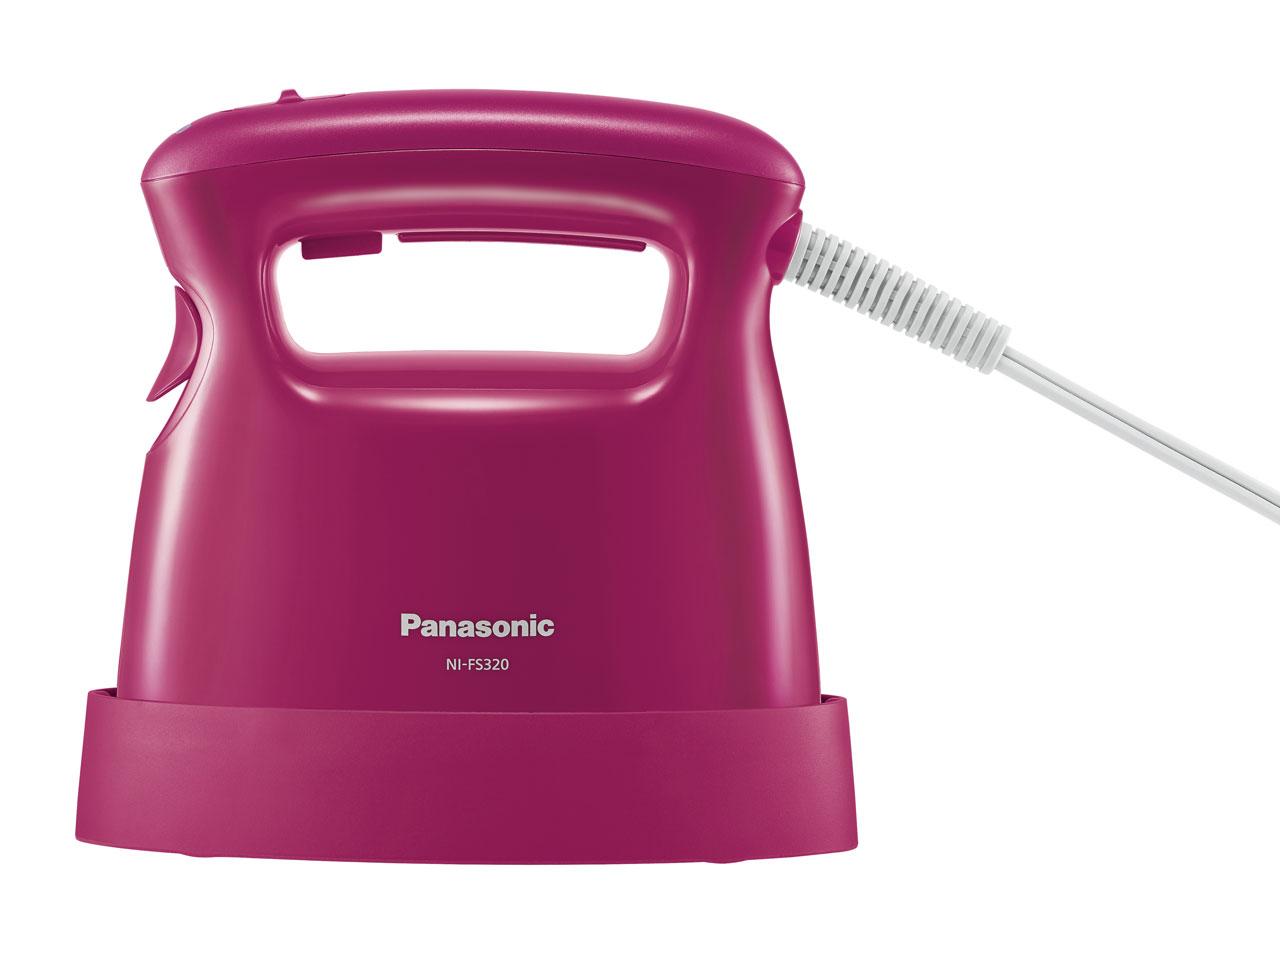 【菲比朵朵】日本代購 PANASONIC 手持衣物蒸氣掛燙兩用熨斗 NI-FS320 女性衣物除臭 殺菌 2016最新款 (OD1137)